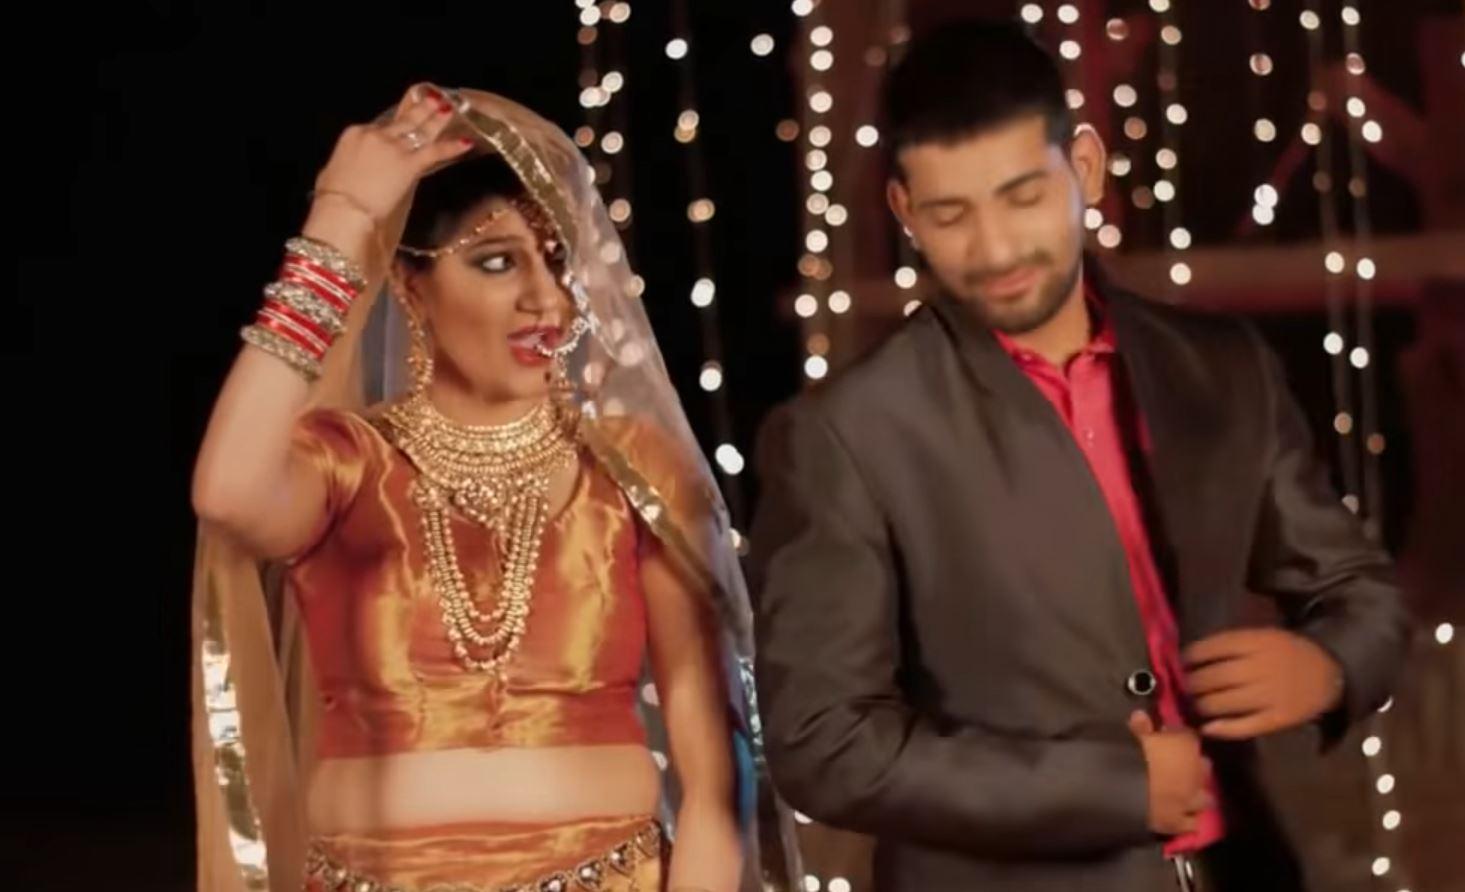 Sapna Choudhary Songs: लॉकडाउन के बीच सपना चौधरी बन गयीं है क्यूट वाइफ, यहाँ देखे वायरल वीडियो